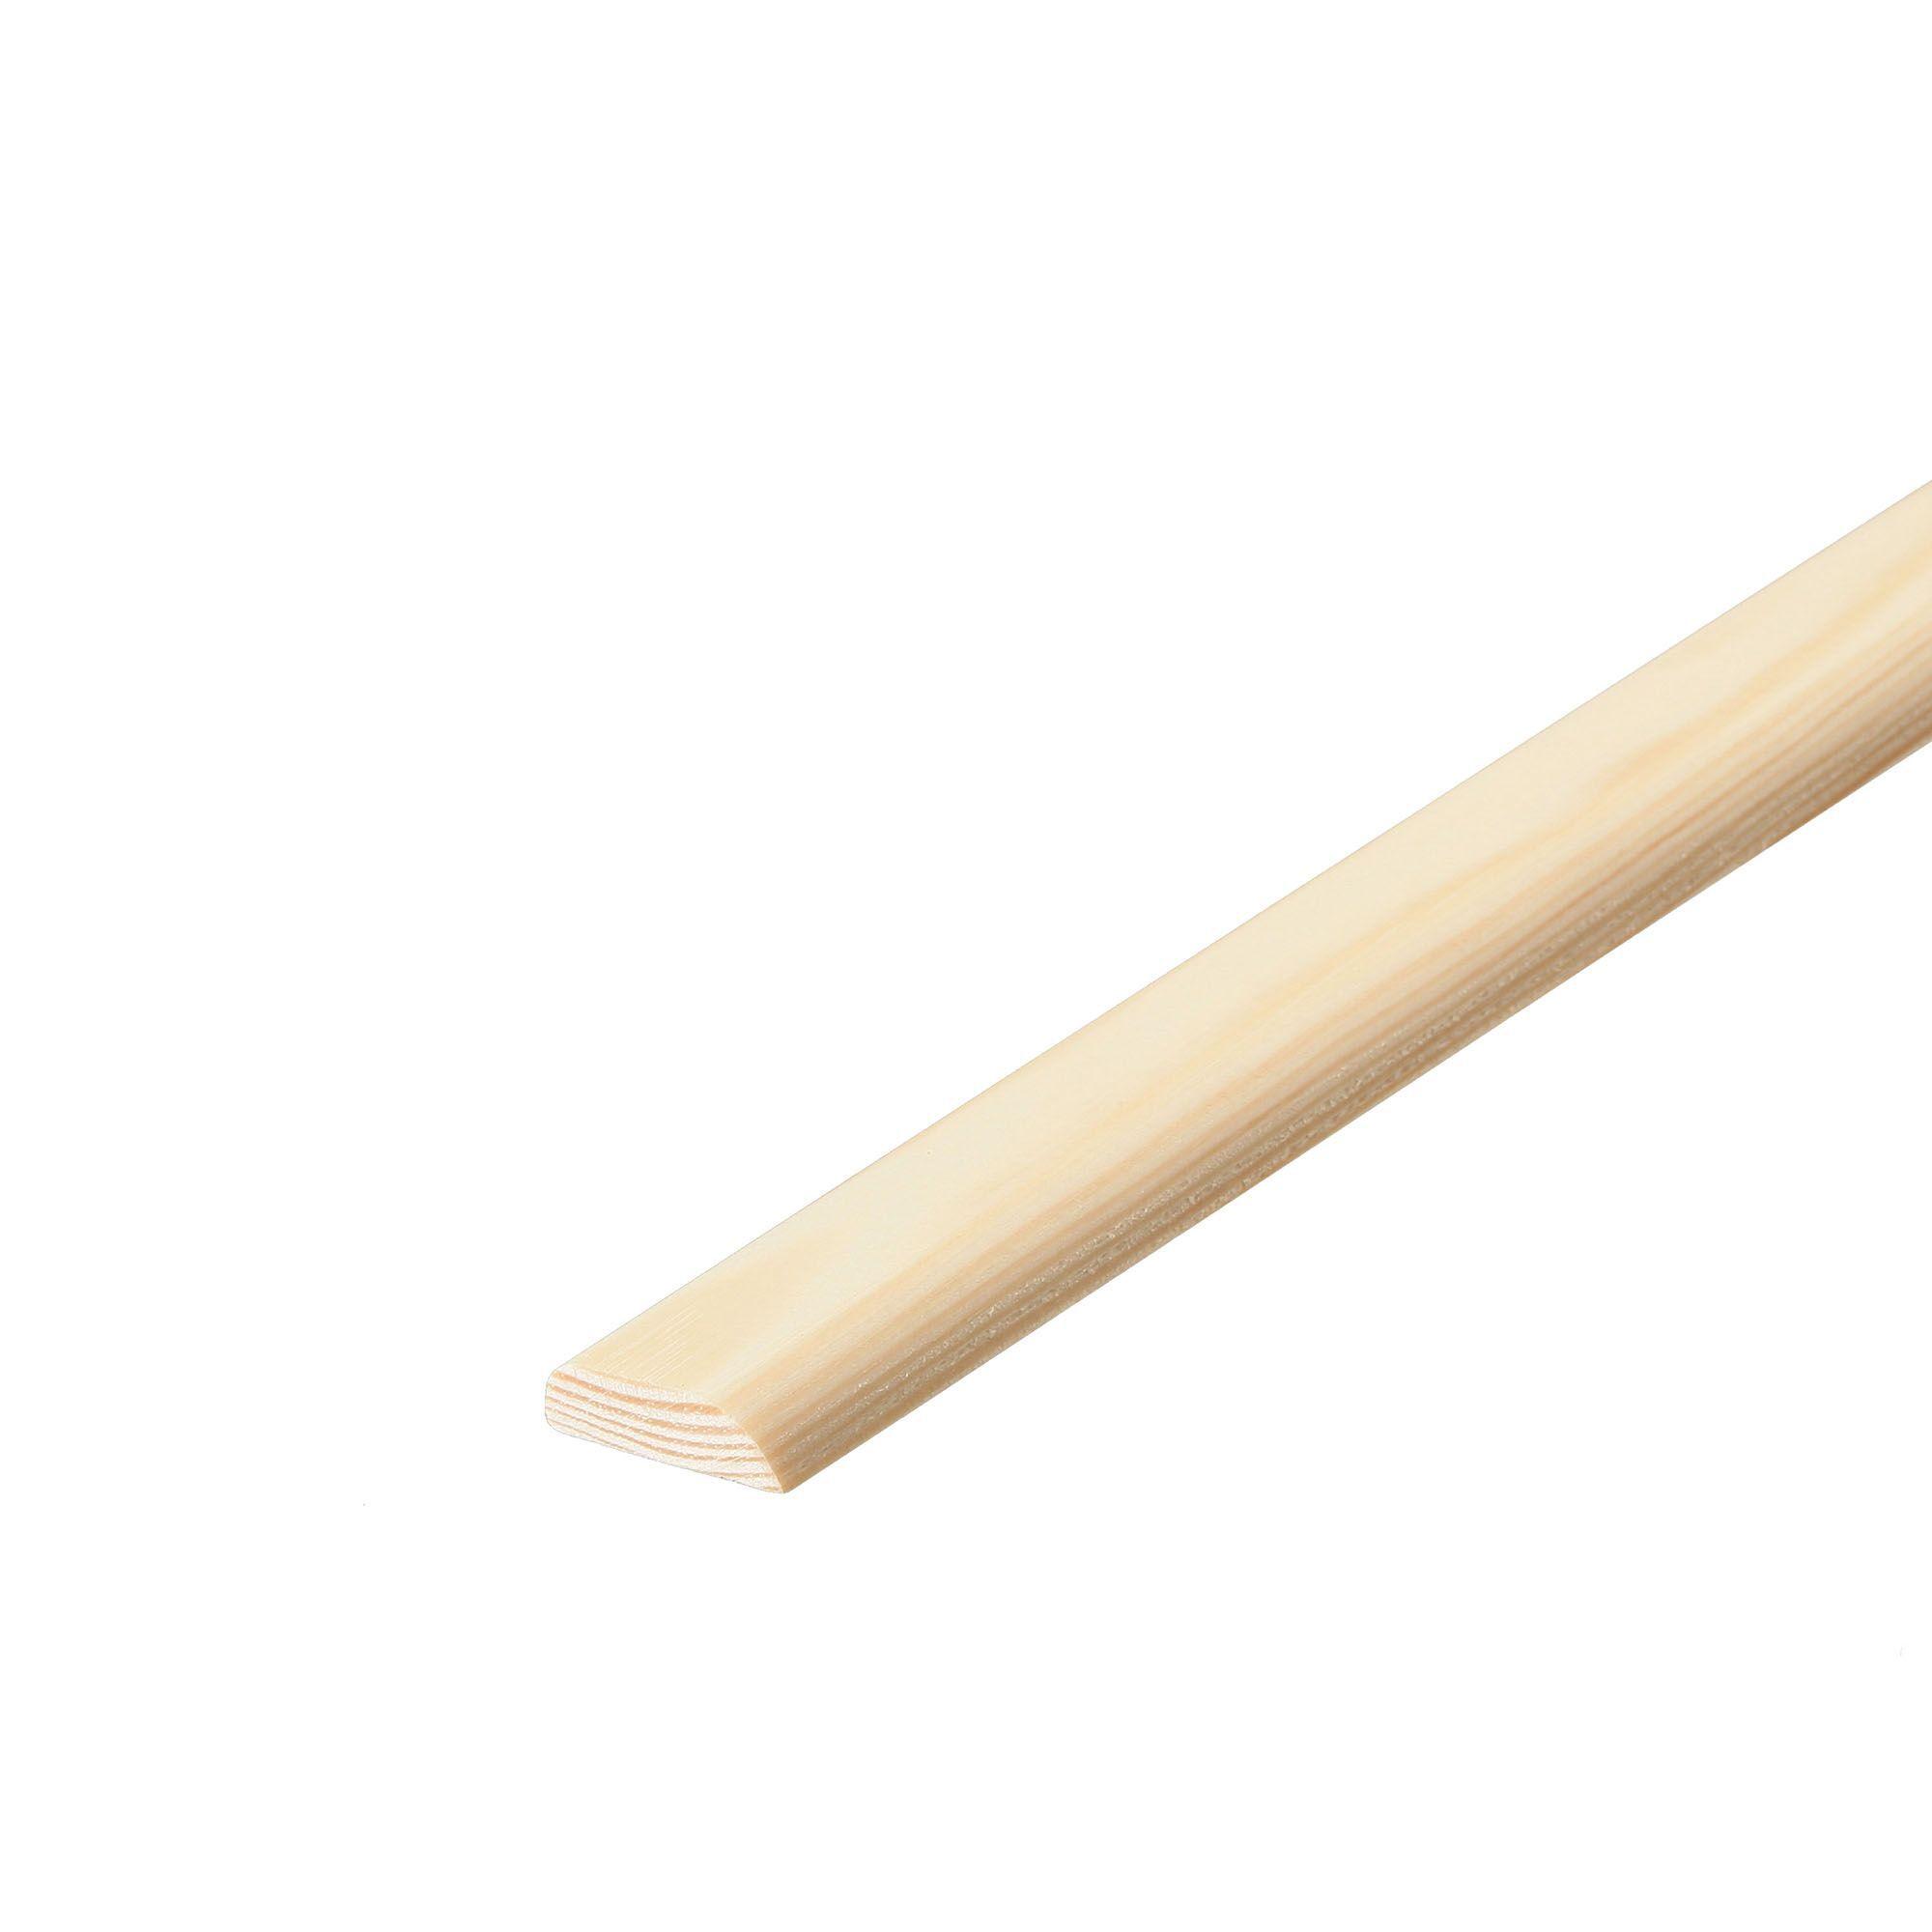 Pine D shape moulding (T)10mm (W)50mm (L)2400mm